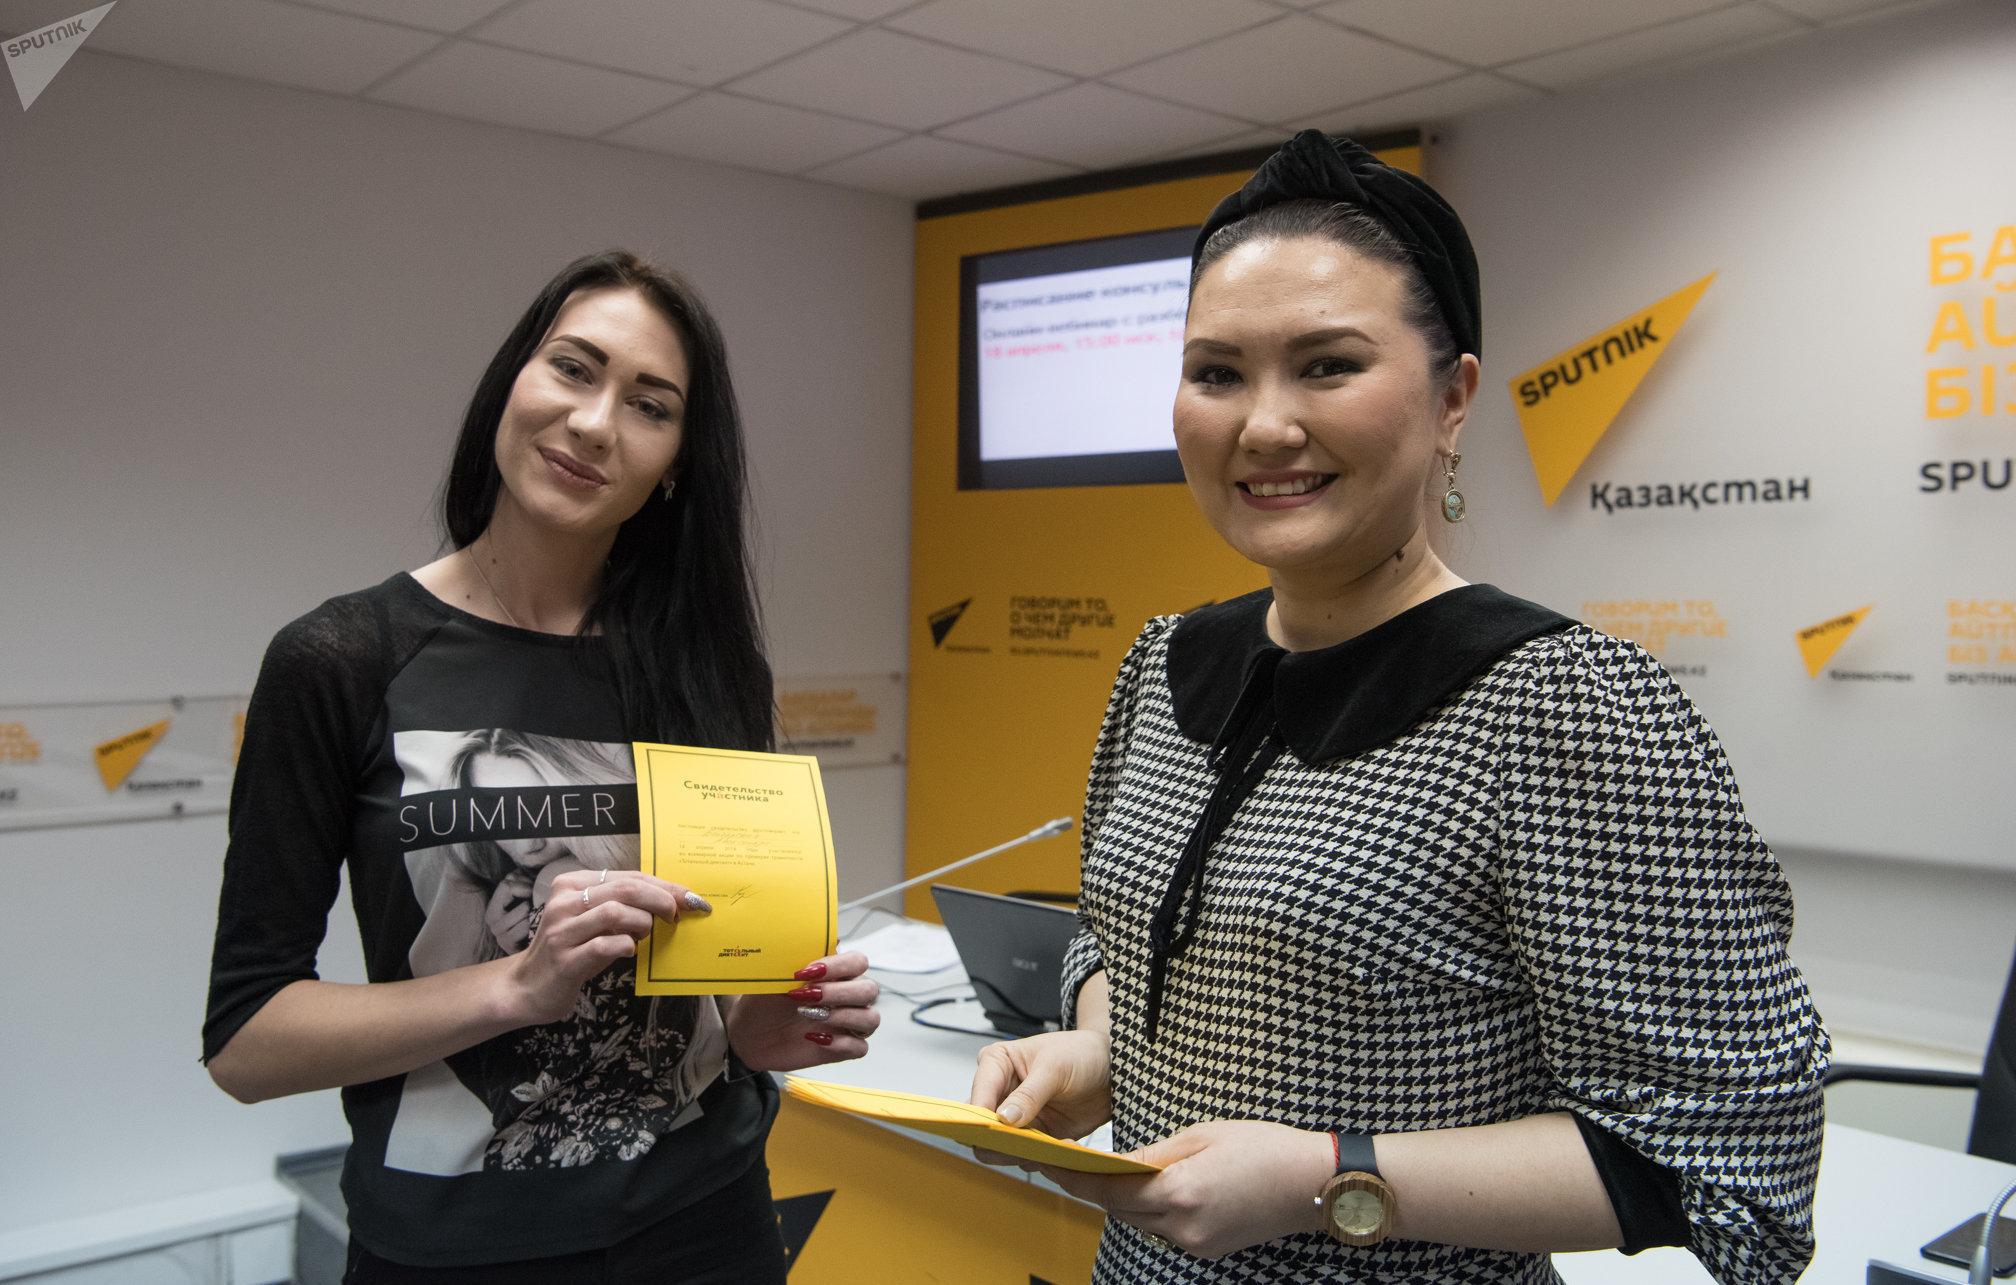 Диктатор Тотального диктанта на площадке Sputnik Казахстан Махаббат Есен